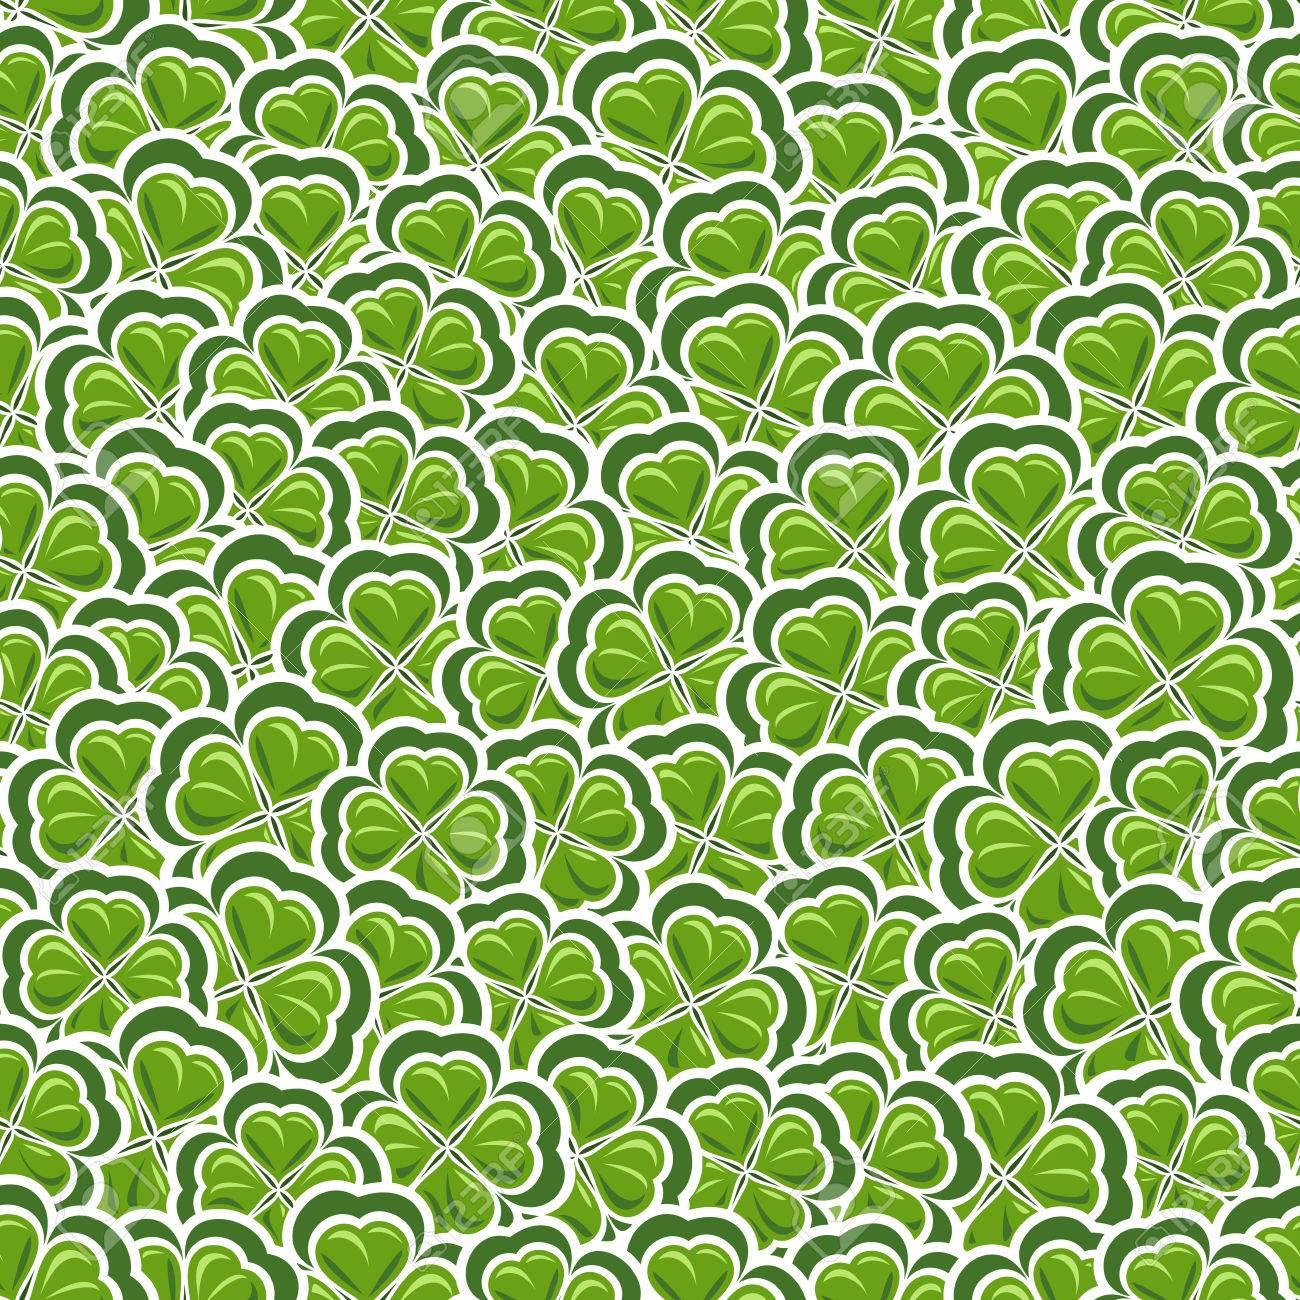 聖パトリックの日 グリーン アート芝生 花の背景壁紙アイルランド